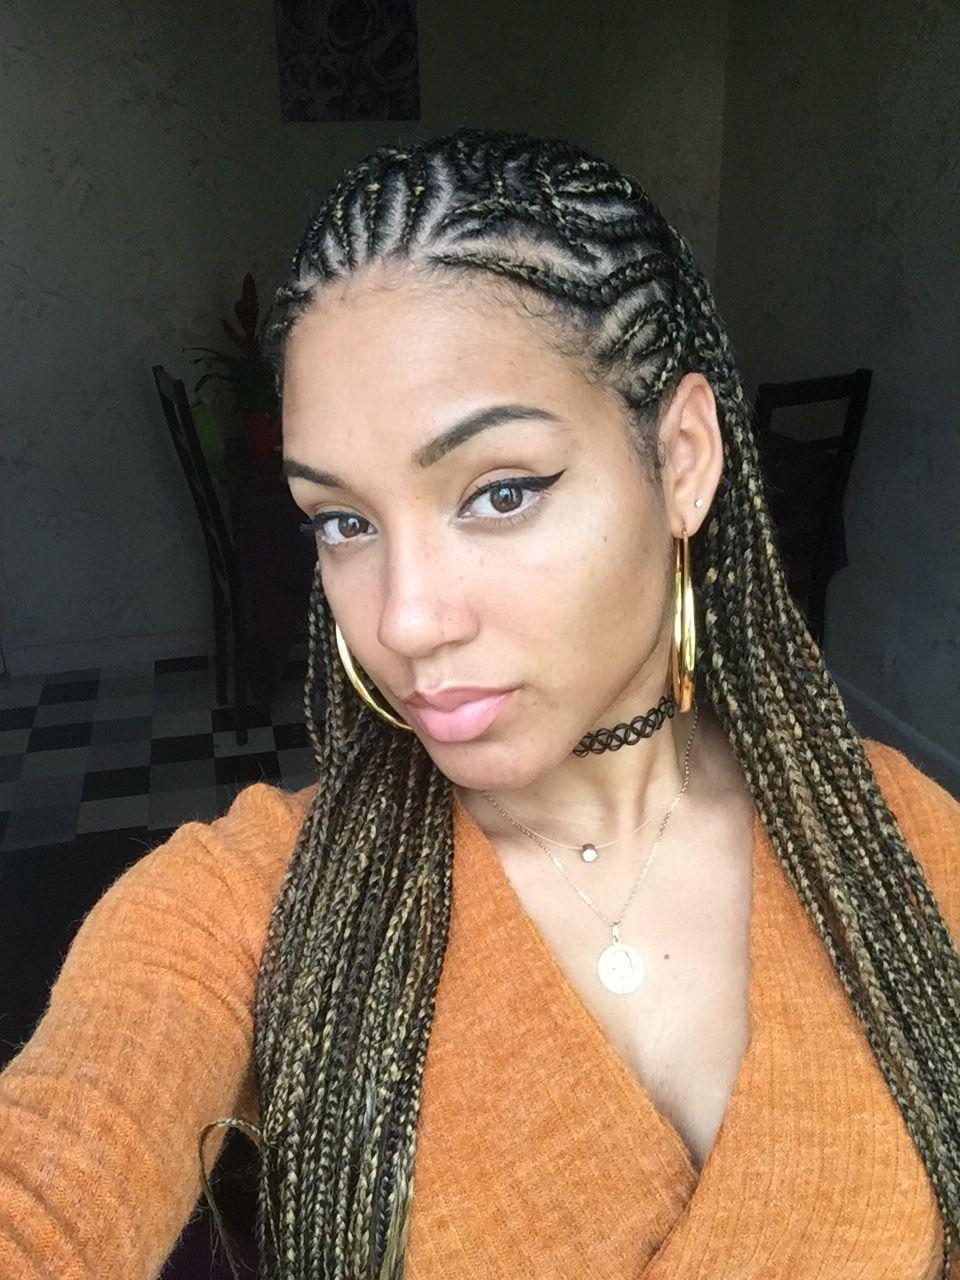 alicia keys inspired look cornrows braids … | hair in 2019